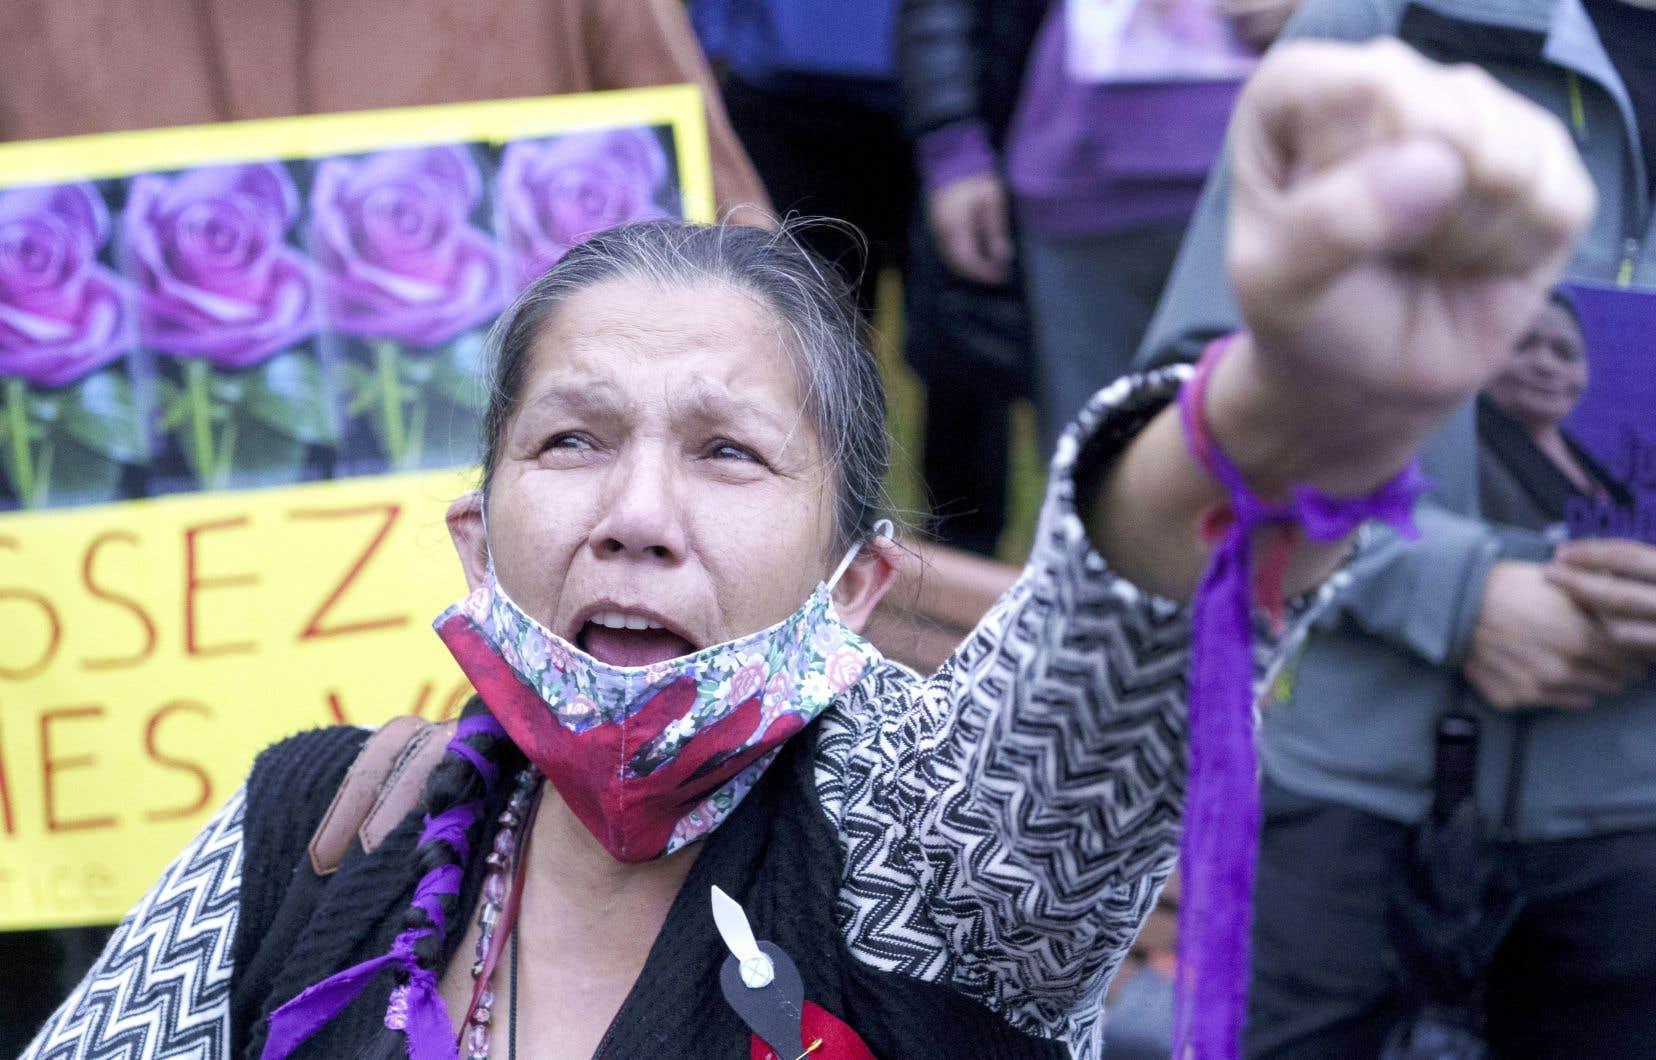 Une femme assistait à la vigie à la mémoire de Joyce Echaquan, fin septembre. Le ministre Dubé souhaite que les mesures de «sécurisation culturelle» soient implantées en priorité dans les hôpitaux près des communautés autochtones, comme celui de Joliette, où Joyce Echaquan est morte.